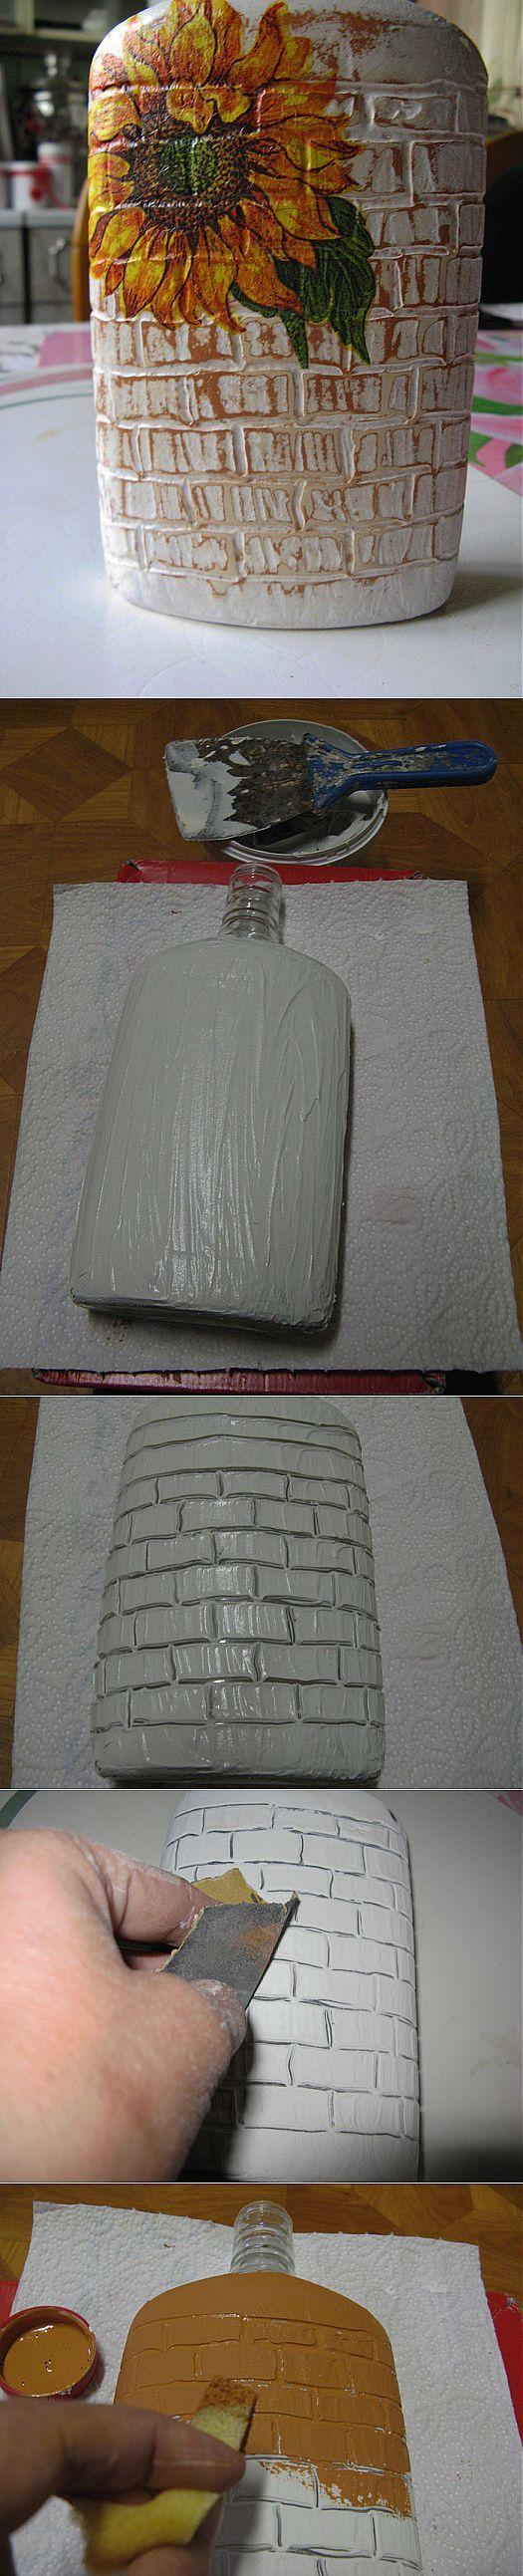 Imitation of 'bricks' on the bottle